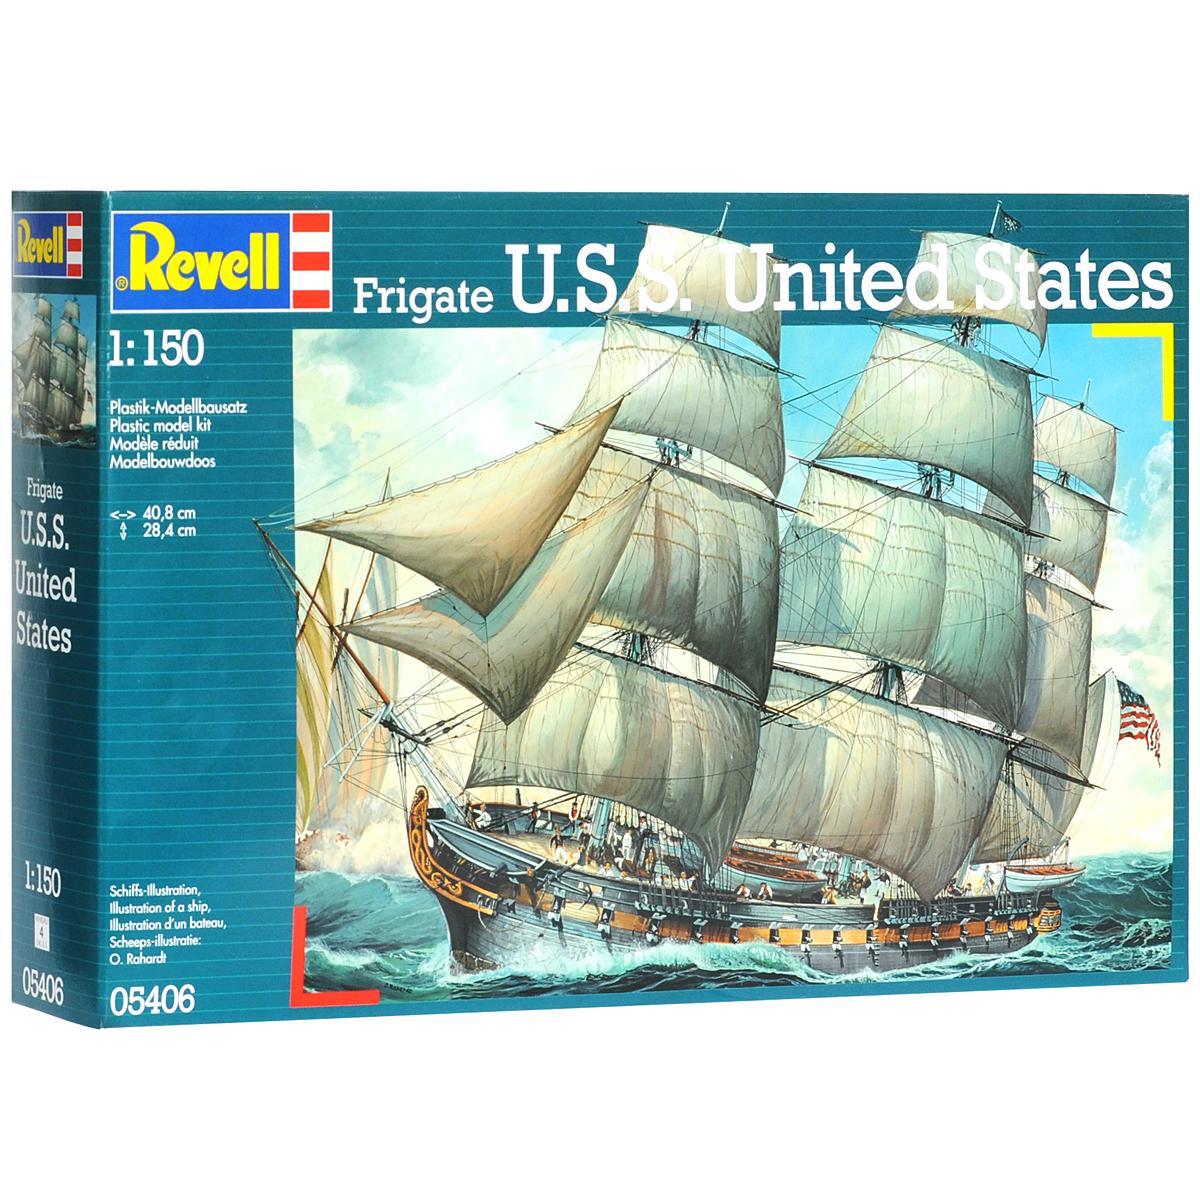 Сборная модель Revell Корабль U.S.S. United States05406Сборная модель Revell Корабль U.S.S. United States поможет вам и вашему ребенку придумать увлекательное занятие на долгое время. Набор включает в себя 105 пластиковых элементов, из которых можно собрать достоверную уменьшенную копию одноименного корабля. Американский фрегат Соединенные штаты один из трех 44-пушечных фрегатов, которые были заказаны Конгрессом США в конце восемнадцатого века. Корабль был спущен на воду в мае 1797 года. В ходе войны 1812 года морякам Соединенных штатов удалось захватить британский фрегат Македонянин. Во время гражданской войны фрегат был затоплен моряками Союза в гавани Норфолка. Также в наборе схематичная инструкция по сборке. Процесс сборки развивает интеллектуальные и инструментальные способности, воображение и конструктивное мышление, а также прививает практические навыки работы со схемами и чертежами. Уровень сложности: 4. УВАЖАЕМЫЕ КЛИЕНТЫ! Обращаем ваше внимание на тот факт, что элементы для...